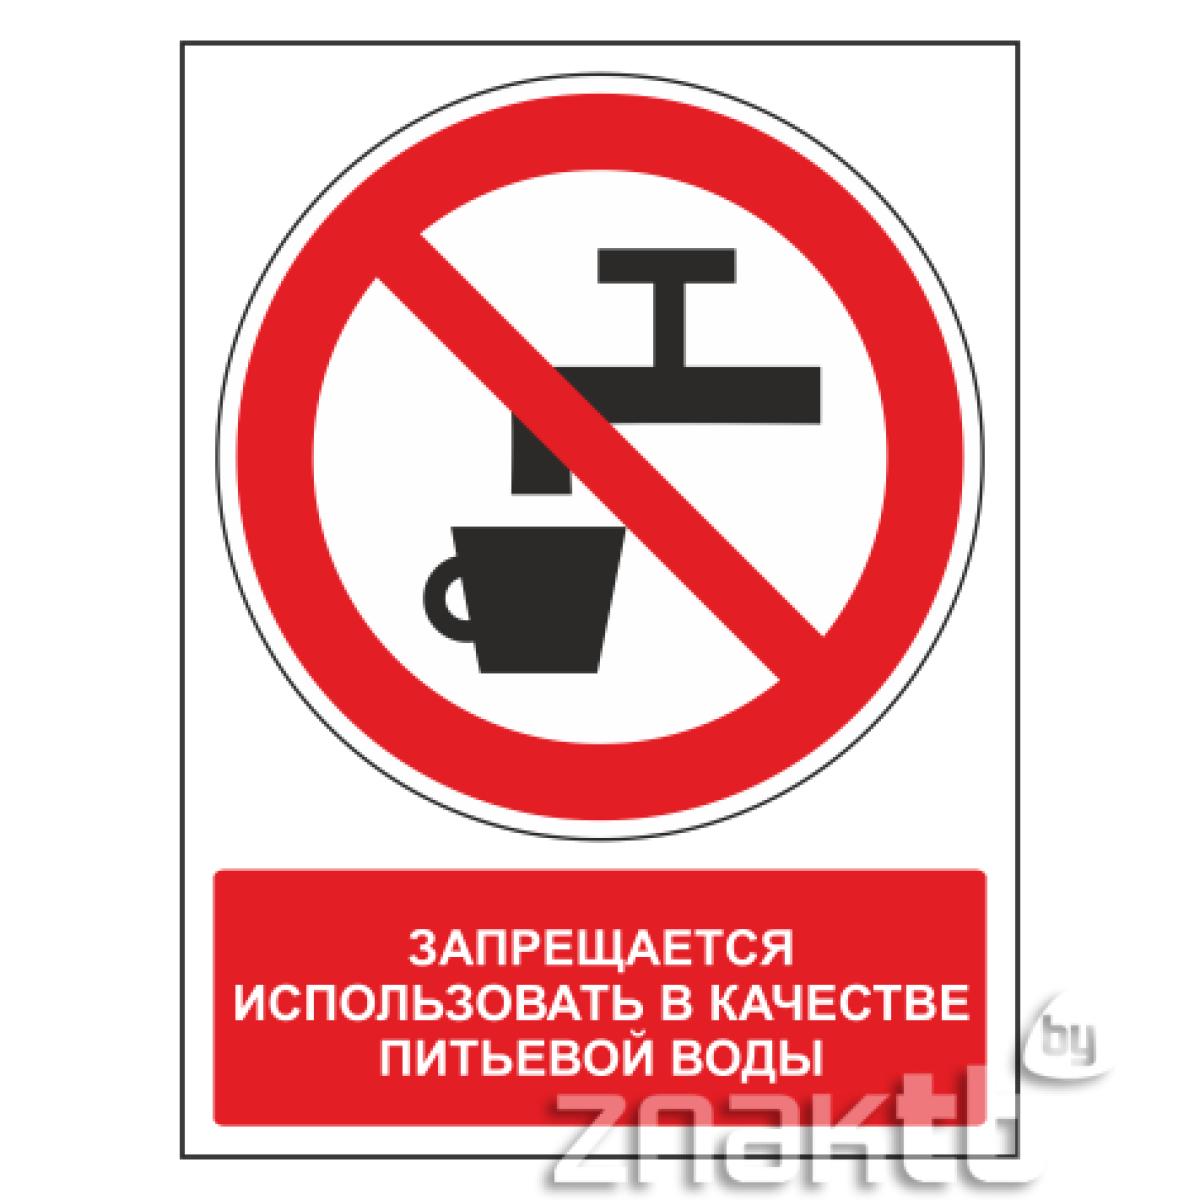 Знак Запрещается использовать в качестве питьевой воды (с поясняющей надписью)